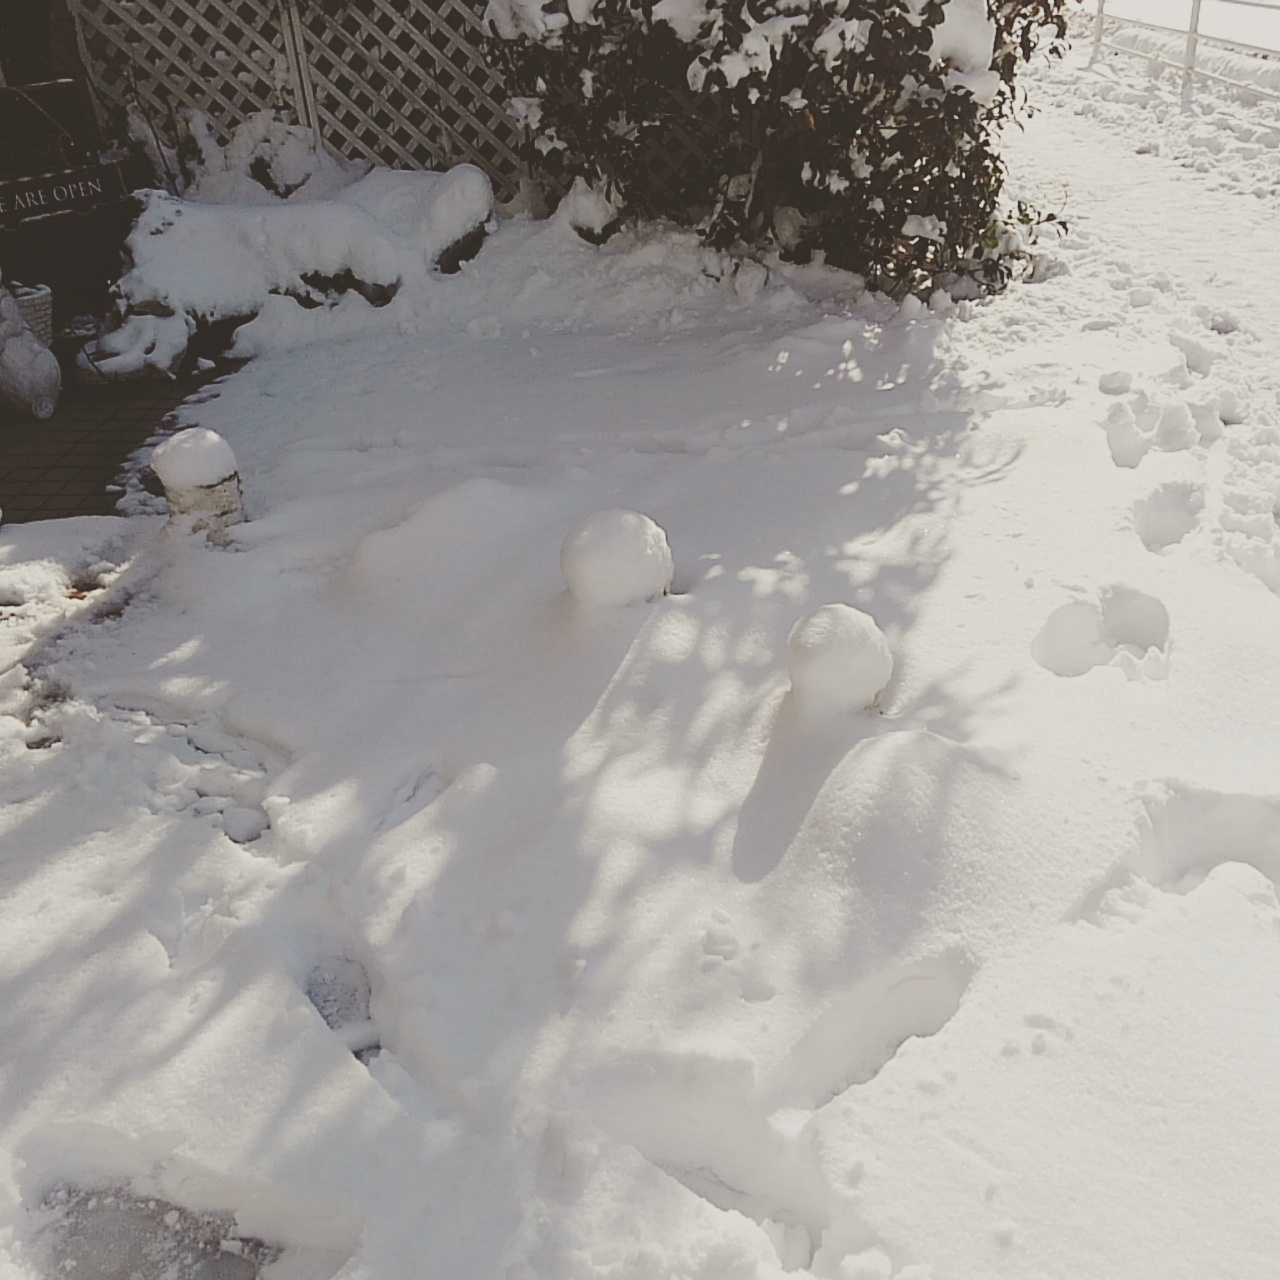 雪の後。パート2_b0210688_15534233.jpg